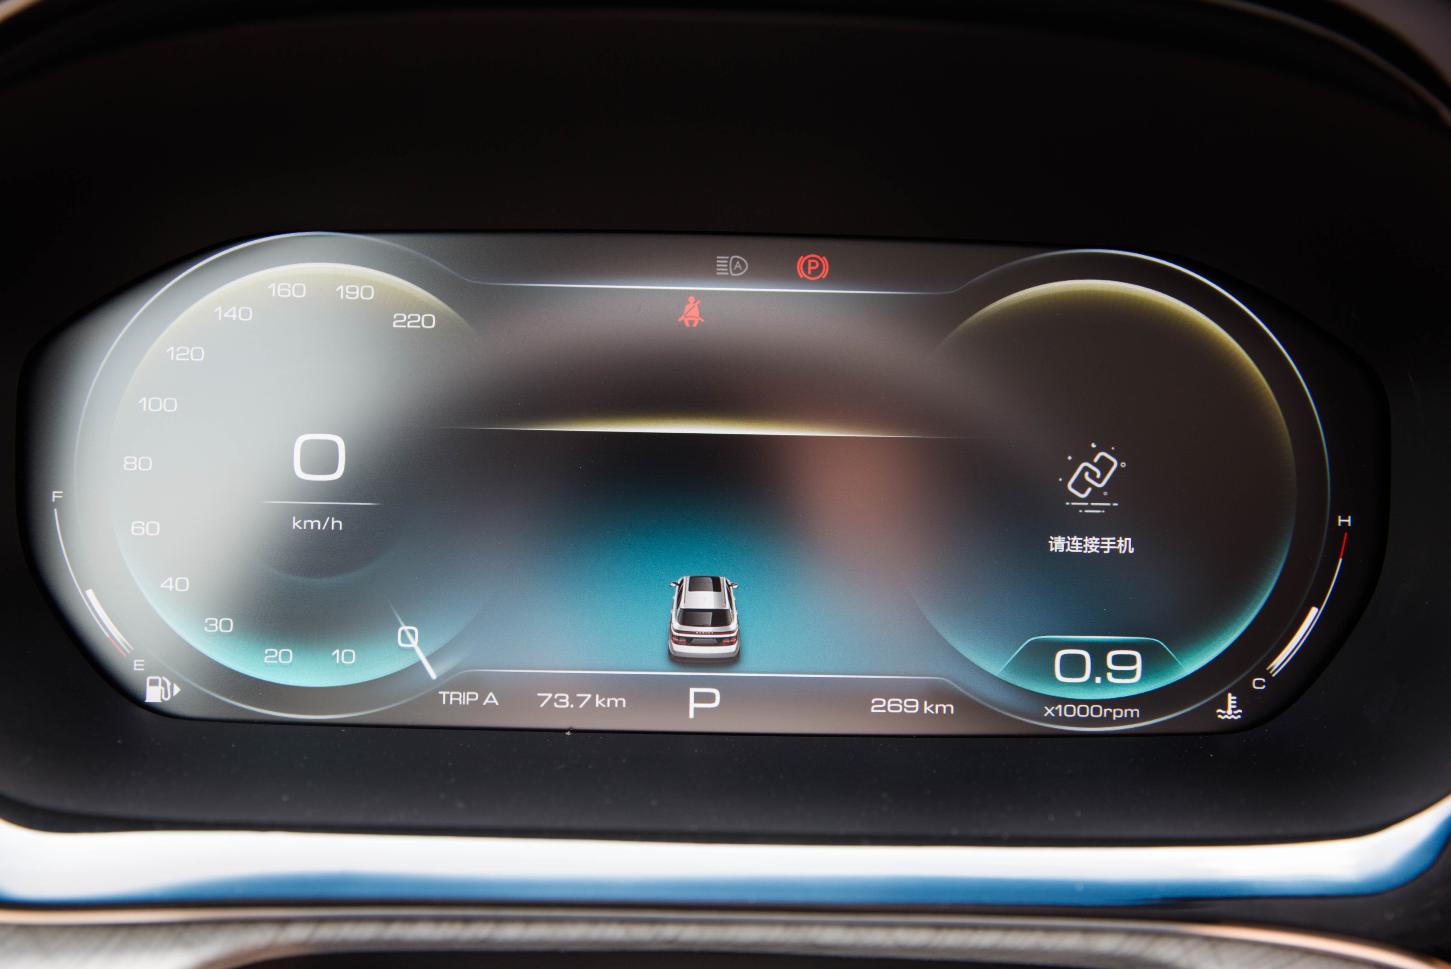 家用车的不二选择,灵活6座布局,配智能驾驶,10万就能拿下